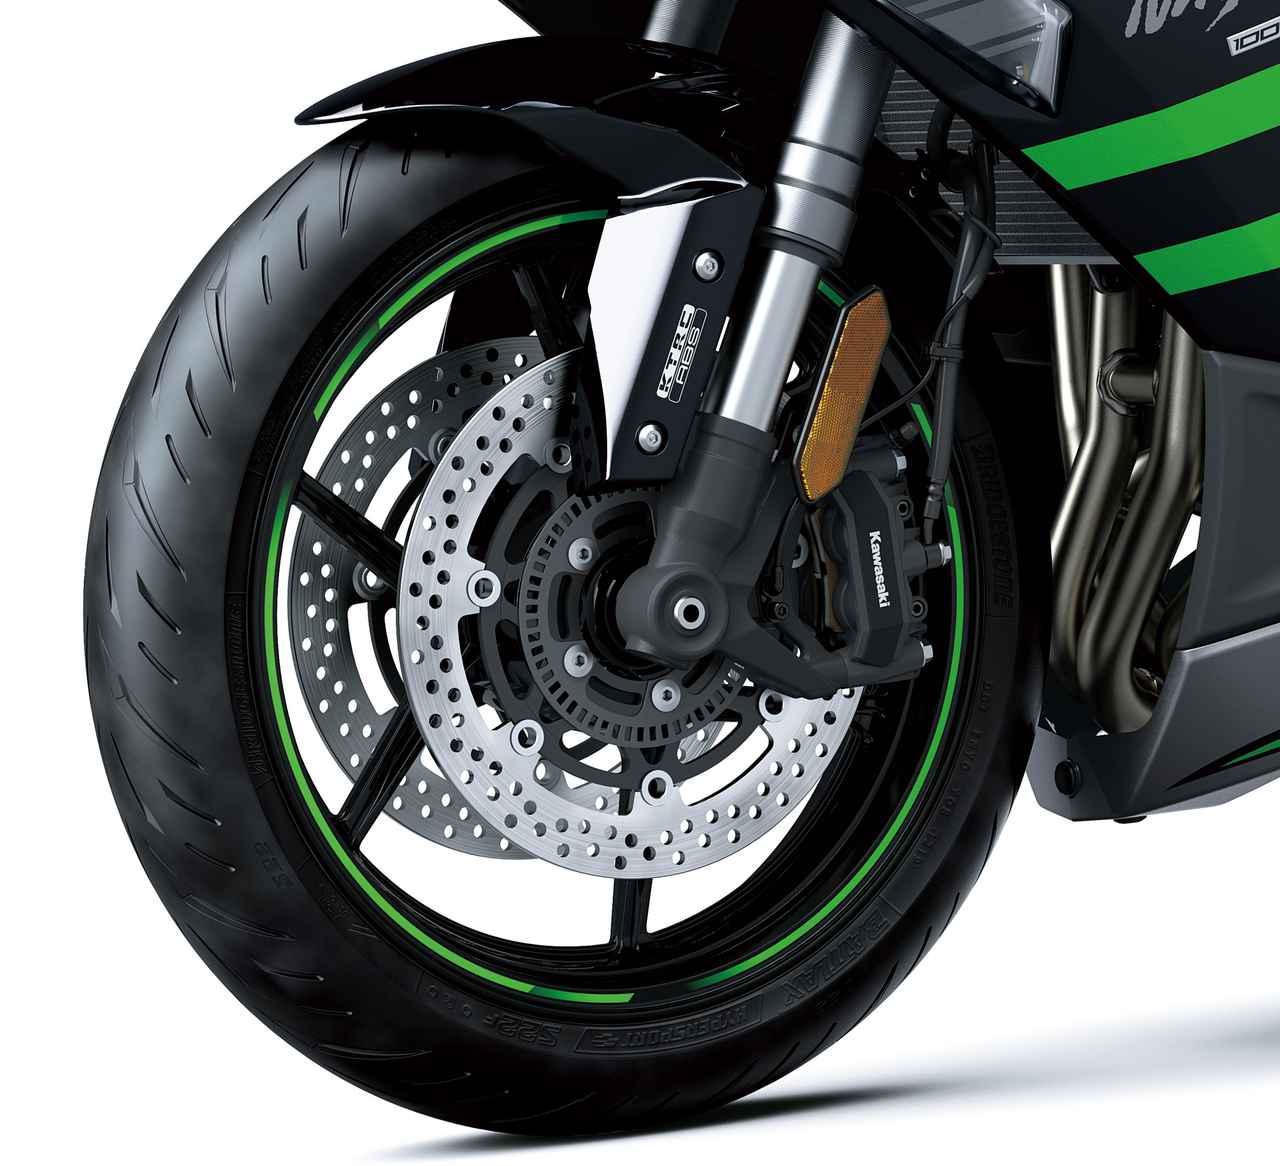 Images : 26番目の画像 - Ninja 1000SX(2020)の写真をまとめて見る - webオートバイ